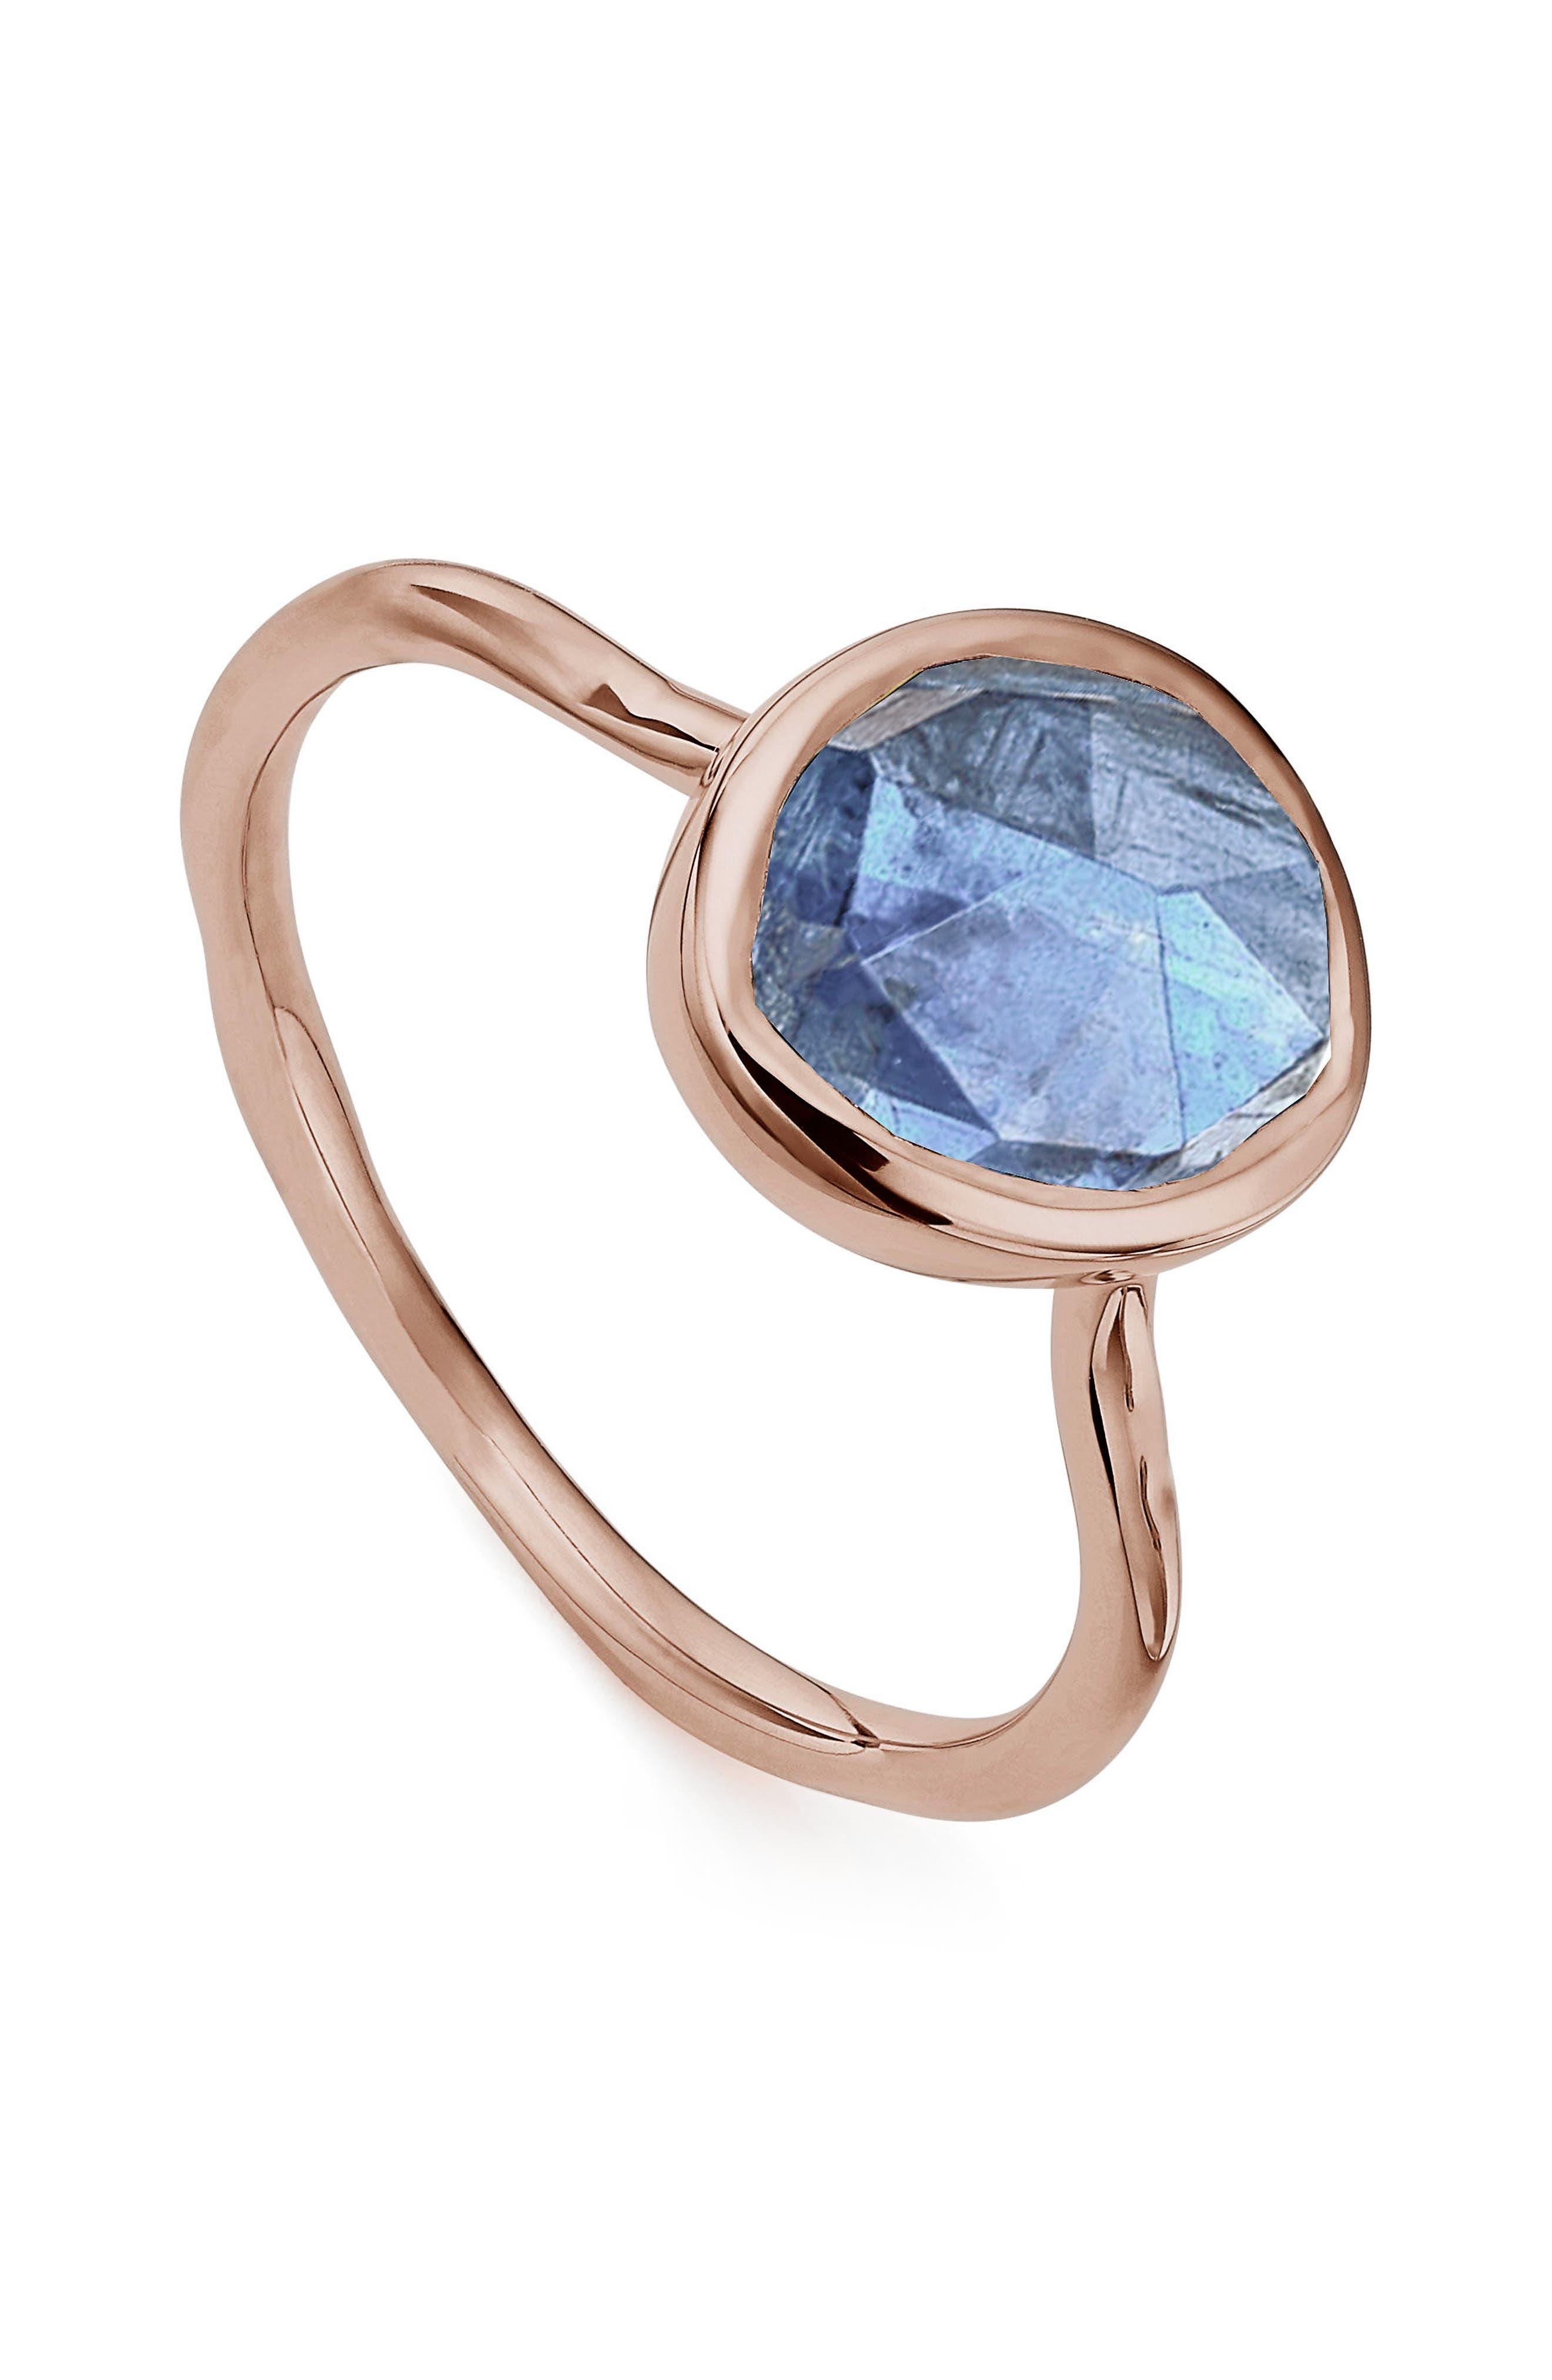 Siren Semiprecious Stone Stacking Ring,                             Alternate thumbnail 3, color,                             ROSE GOLD/ KYANITE